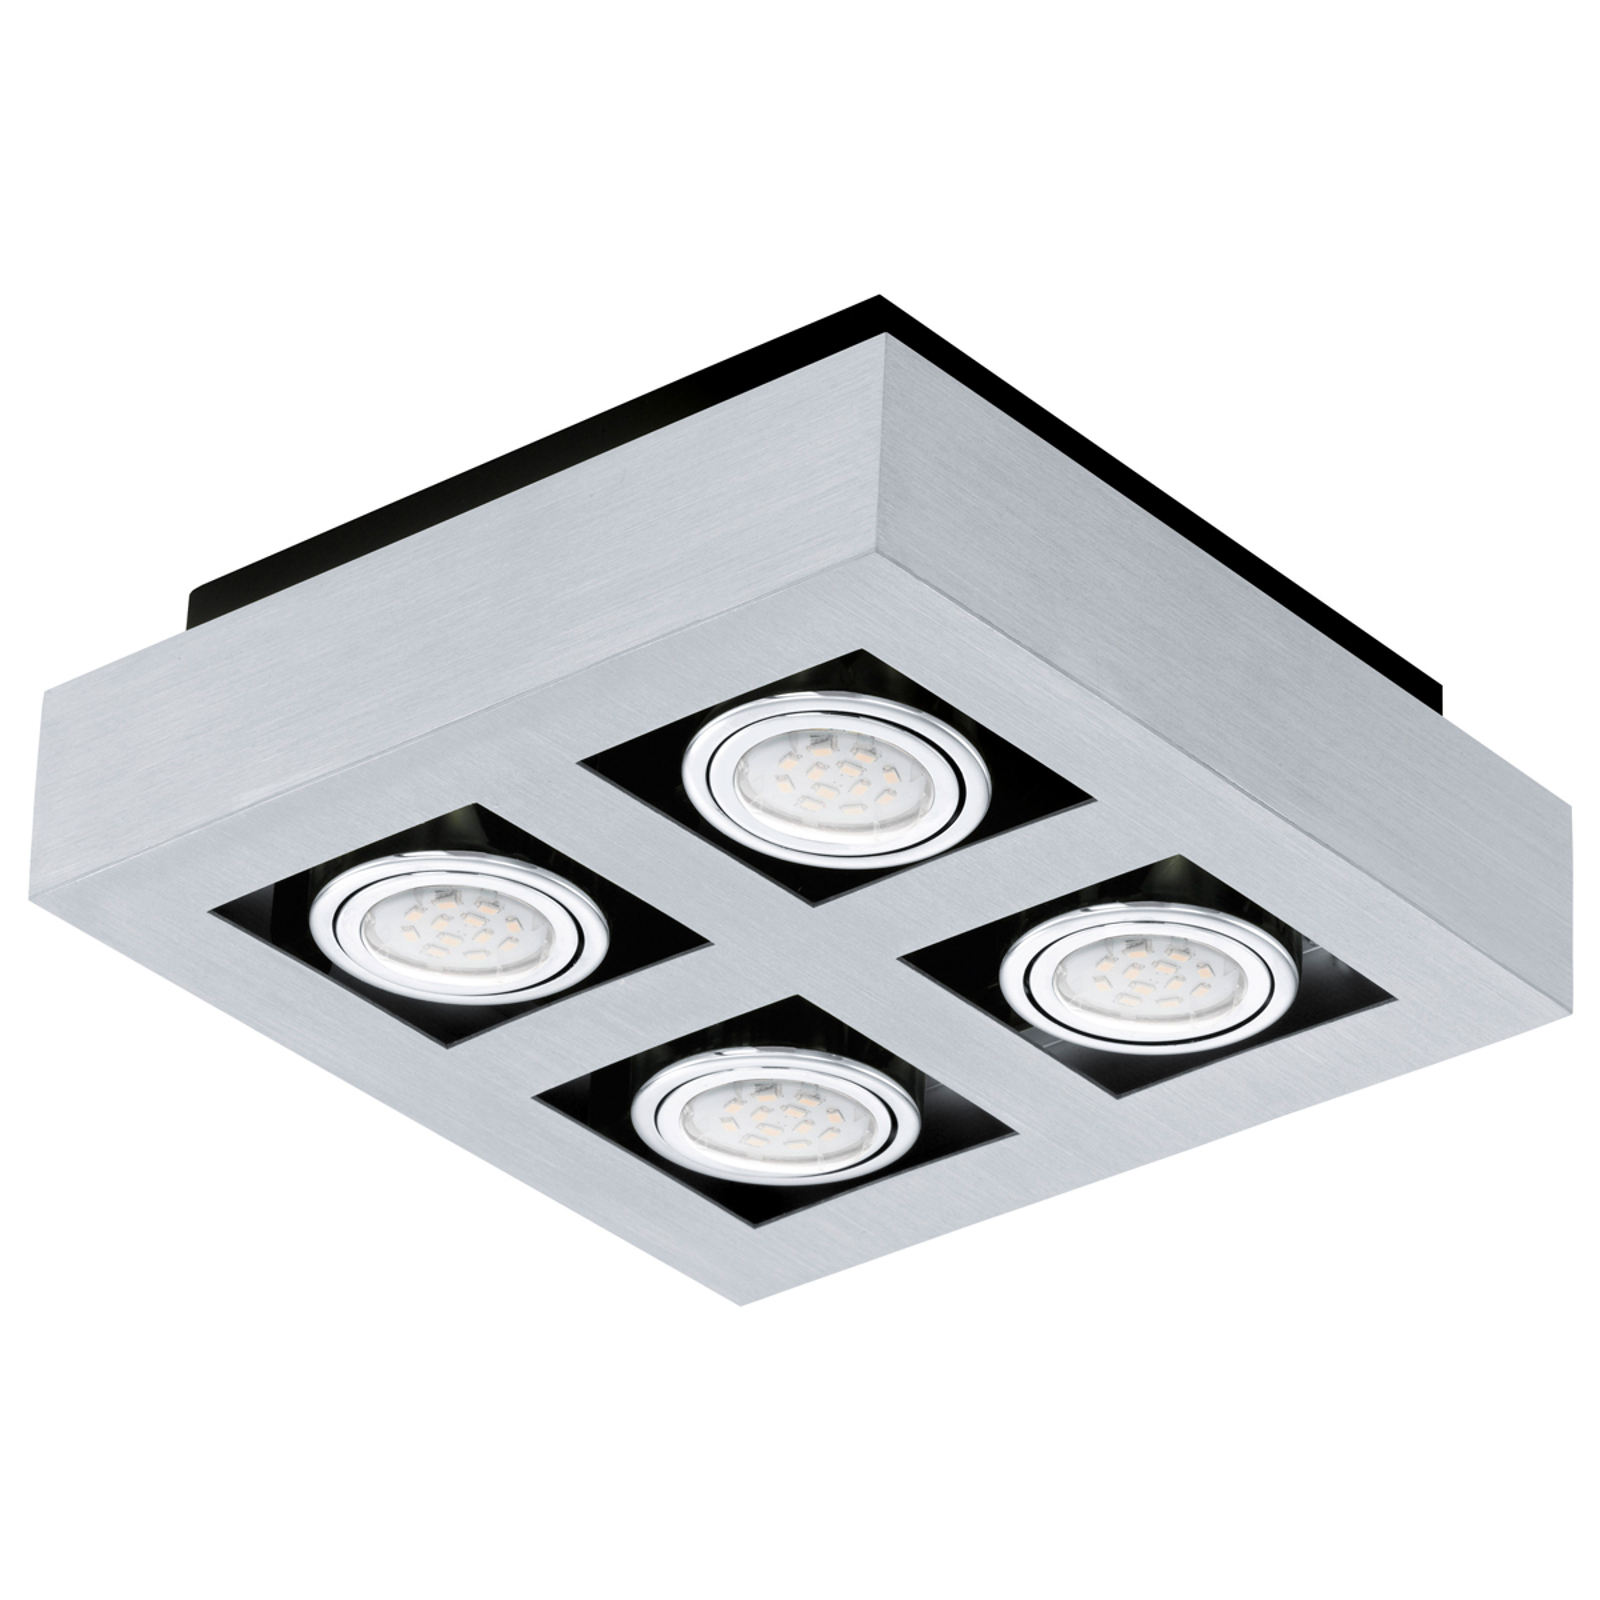 Plafoniera LED Loke a quattro luci